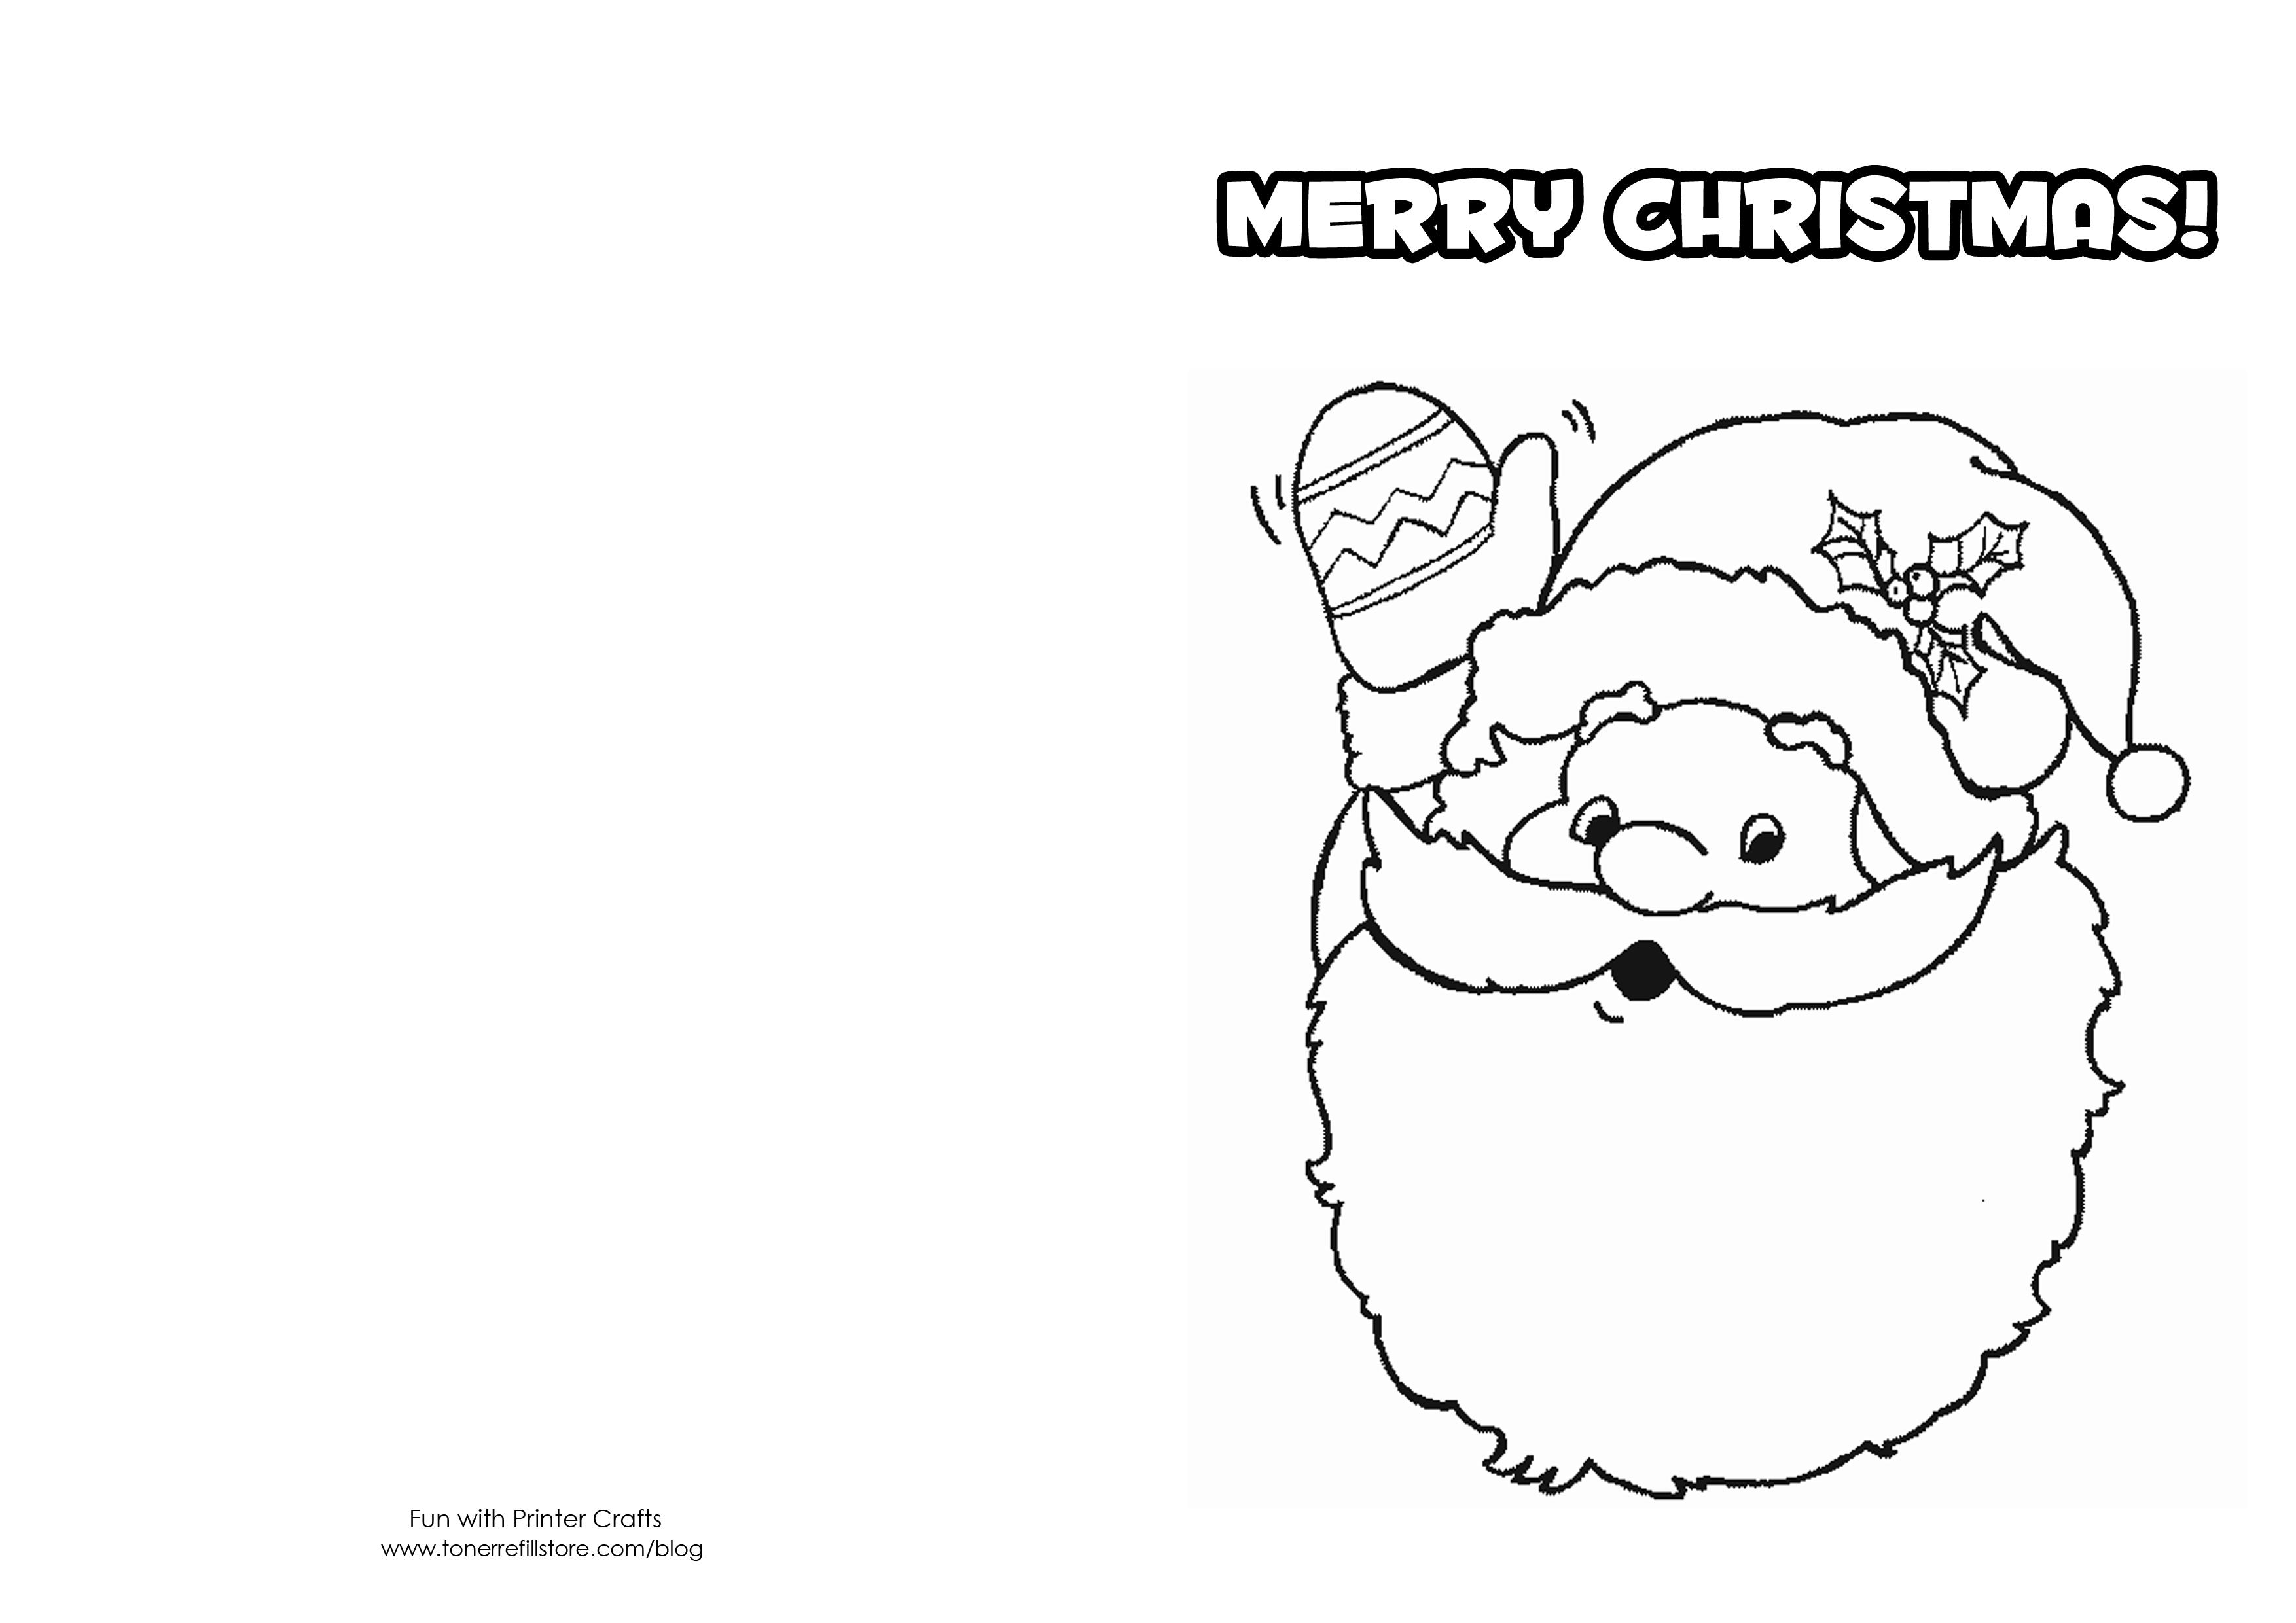 Printable Christmas Cards For Kids Printable christmas